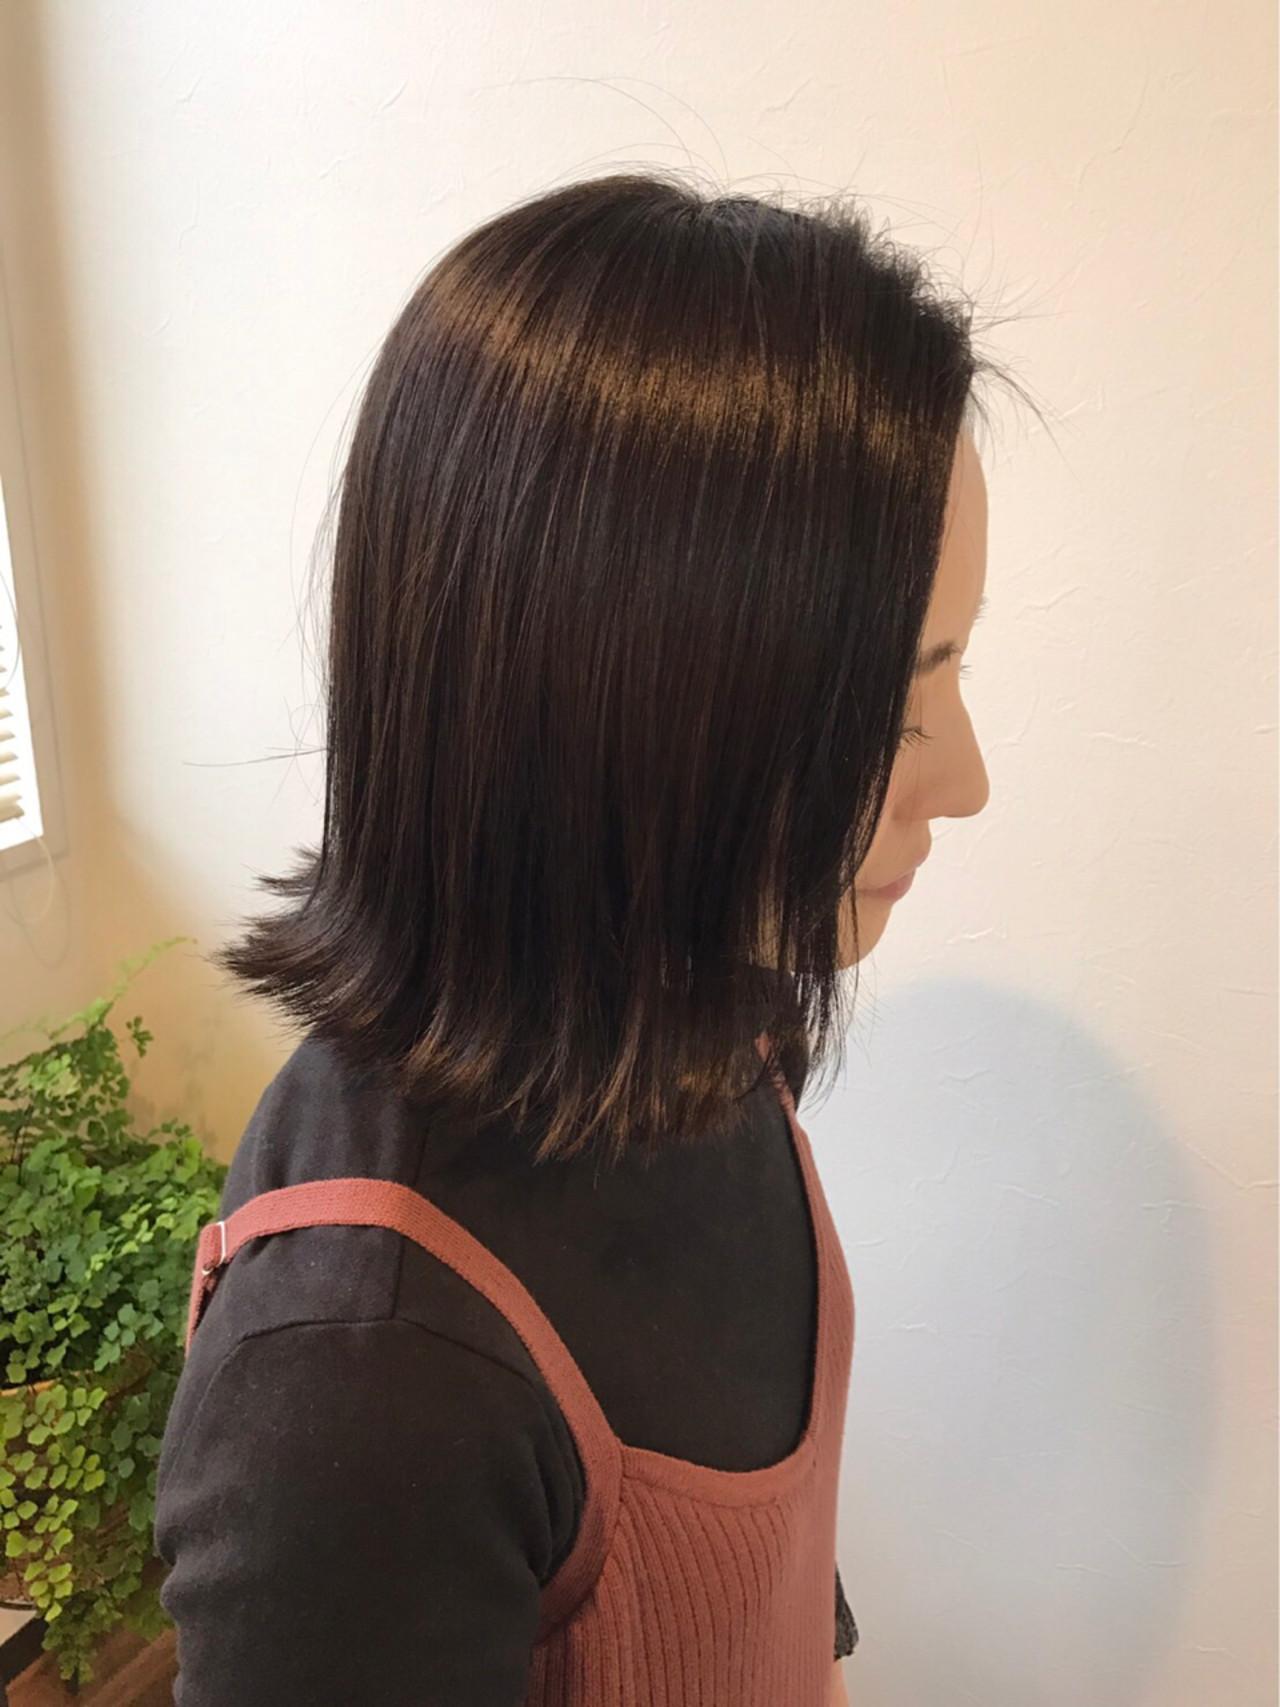 ボブ ブラントカット ナチュラル 黒髪 ヘアスタイルや髪型の写真・画像